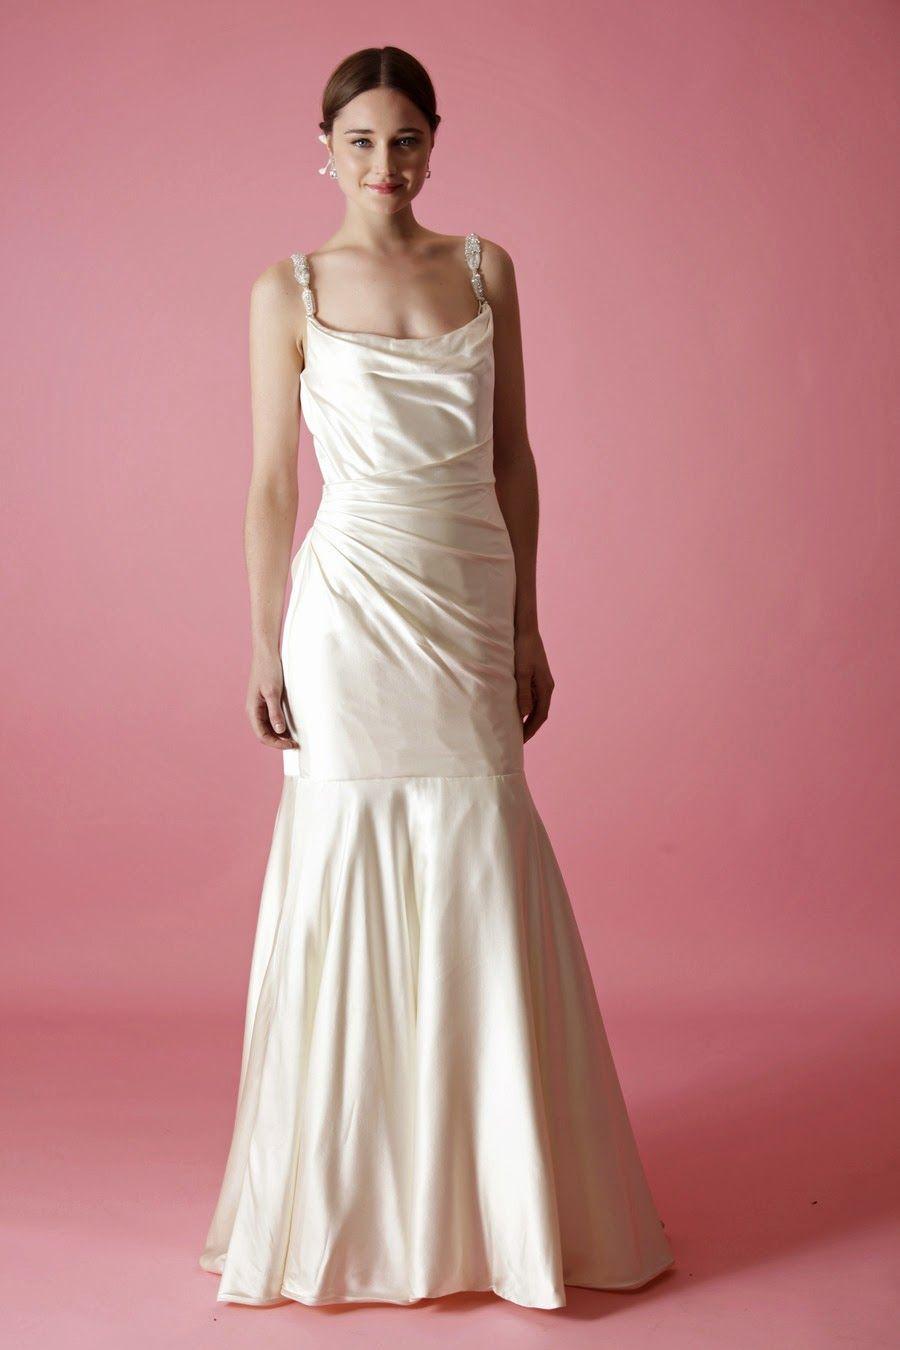 Hermosa Trajes De Novia York Pa Elaboración - Colección de Vestidos ...